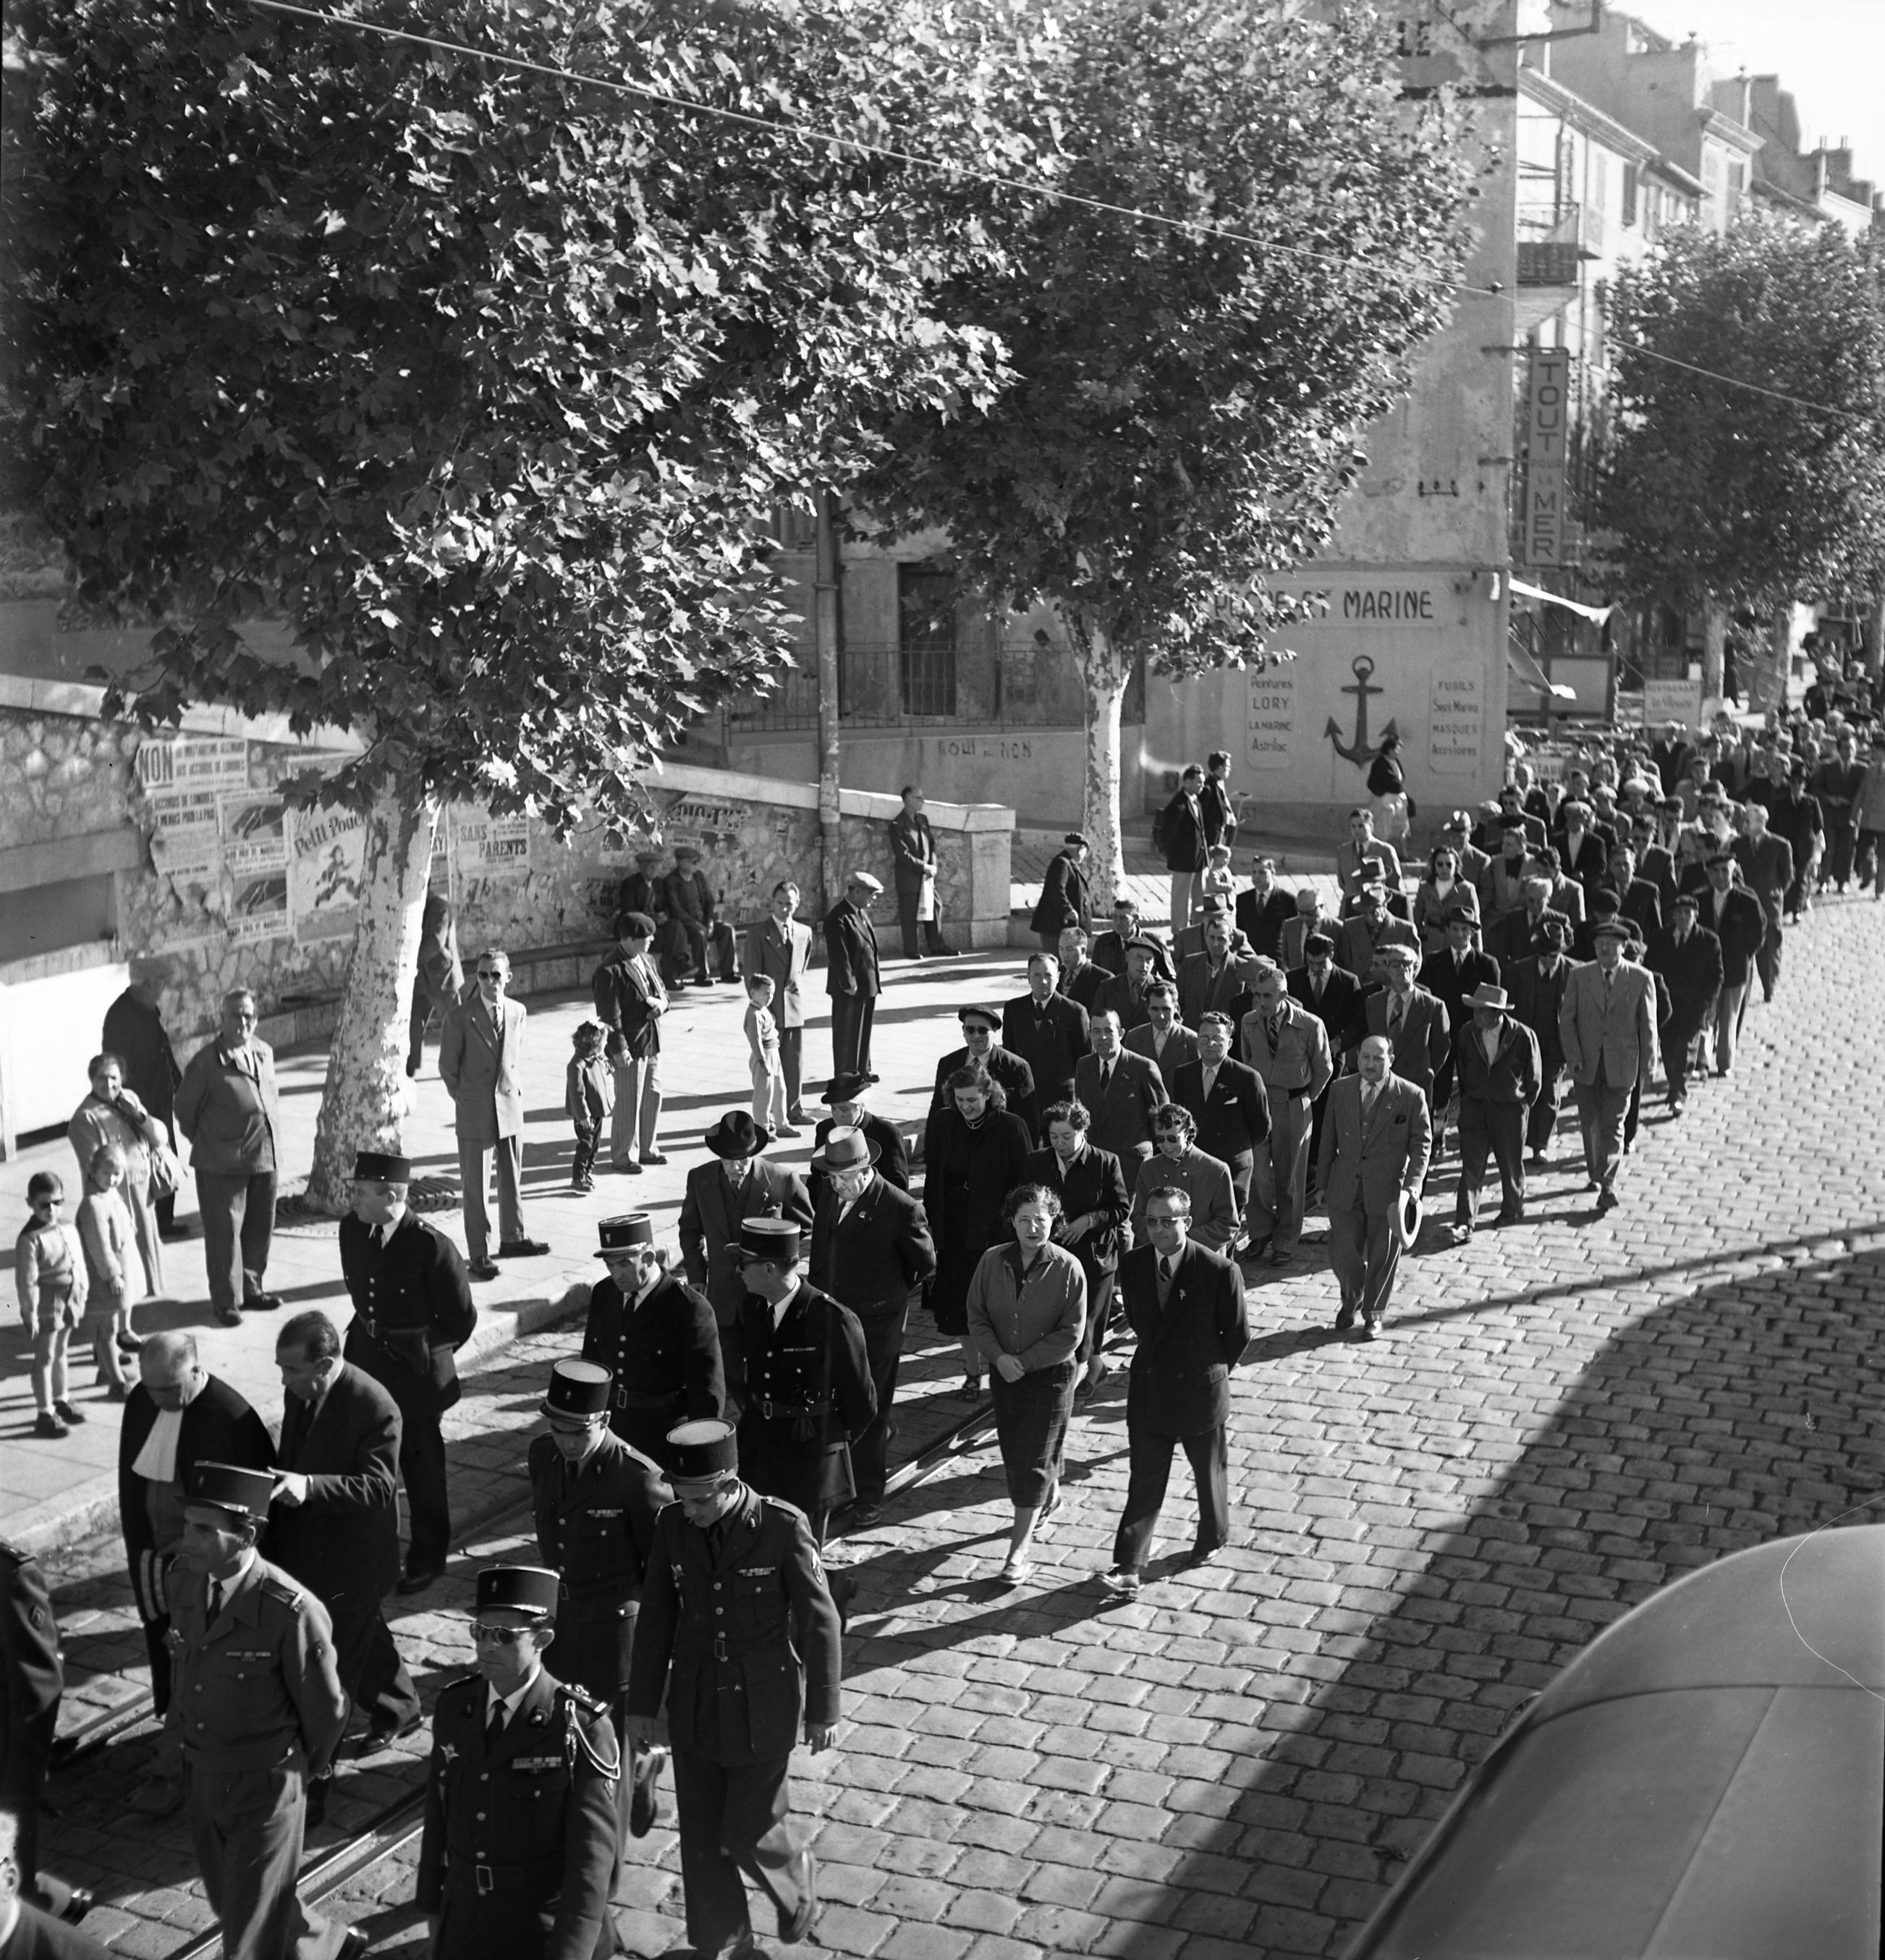 27 Fi 3674 Défilé silencieux pour l'Armistice sur le quai Ganteaume. 11/11/1954